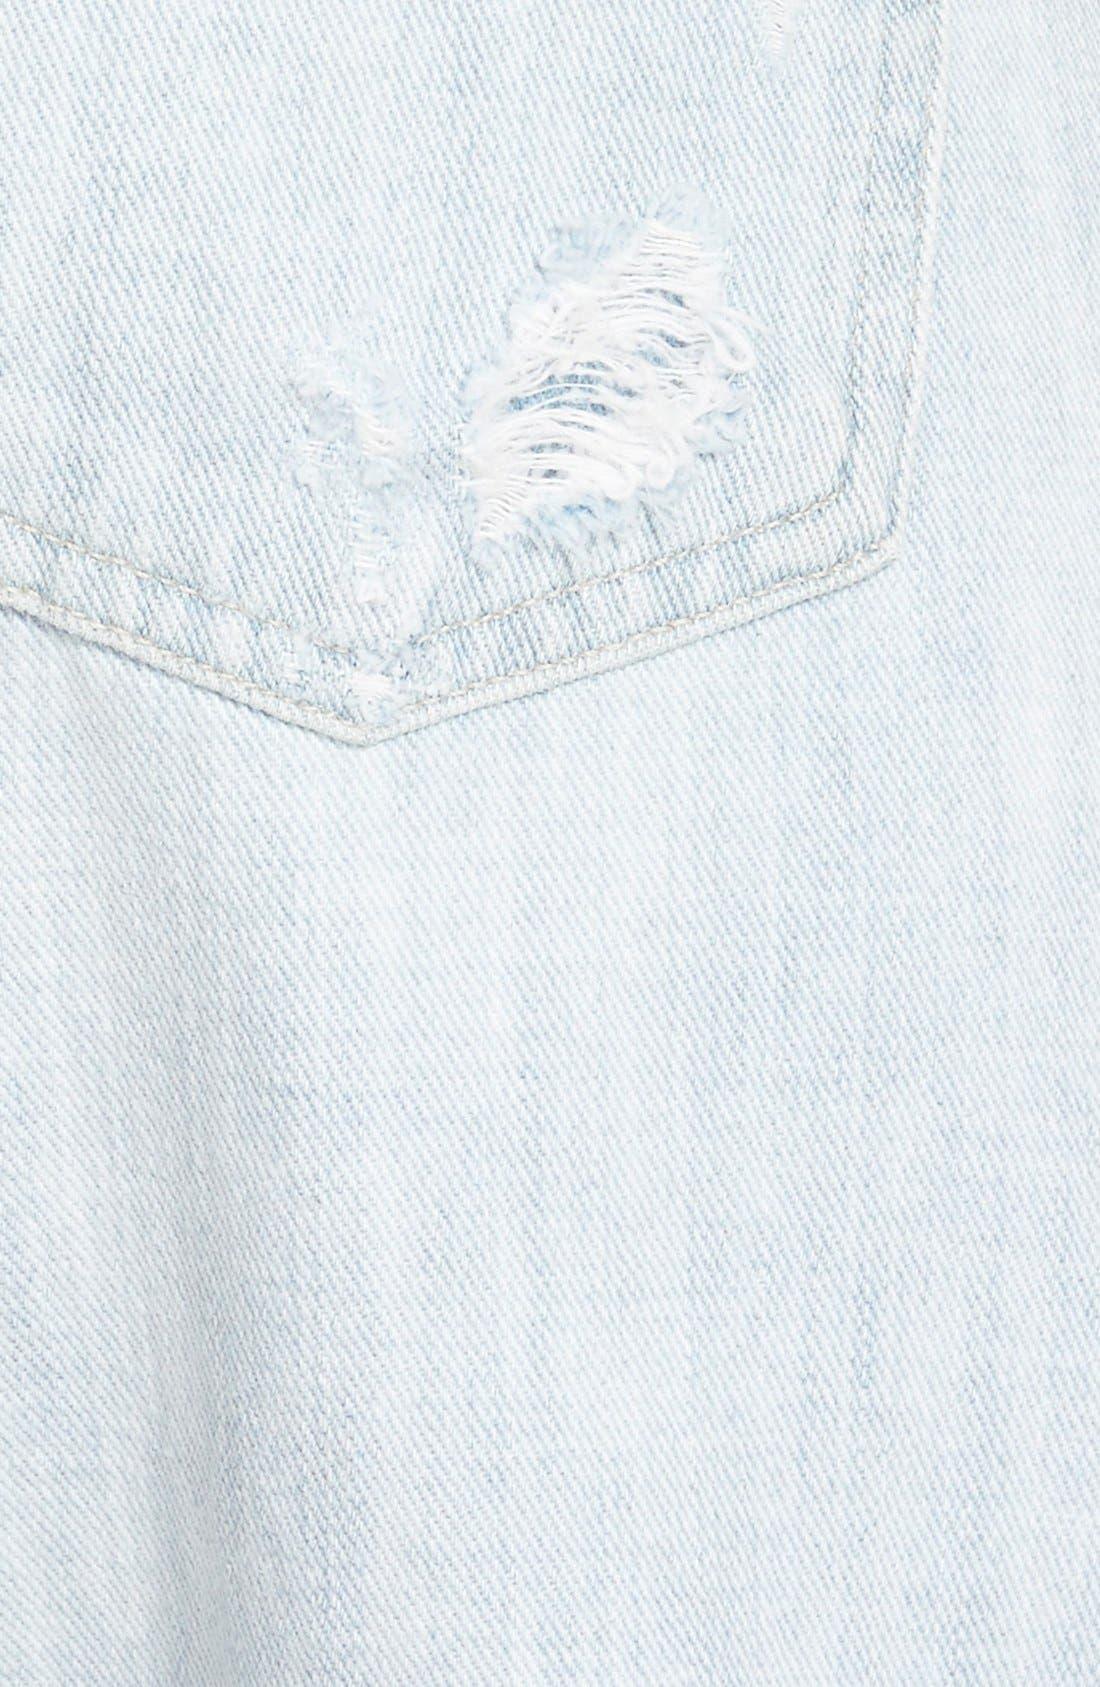 'Emerson' Slim Boyfriend Jeans,                             Alternate thumbnail 3, color,                             450